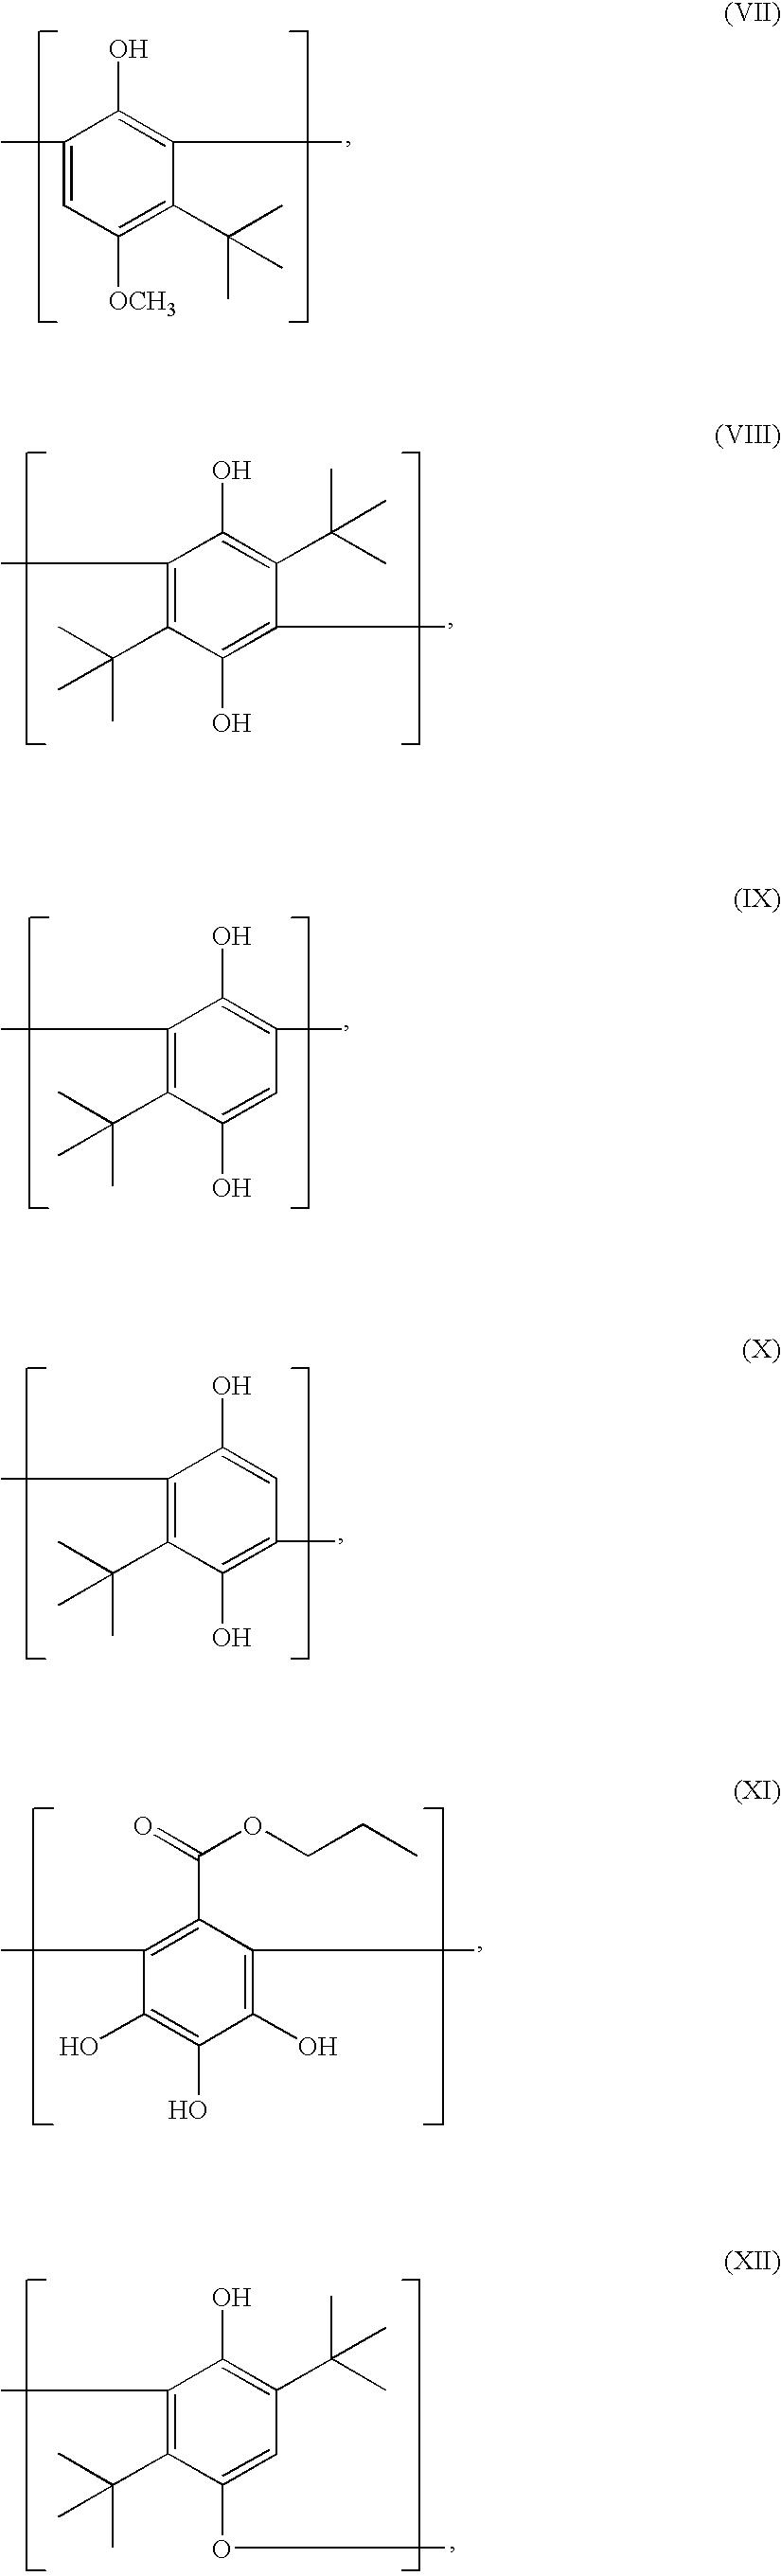 Figure US07754267-20100713-C00009